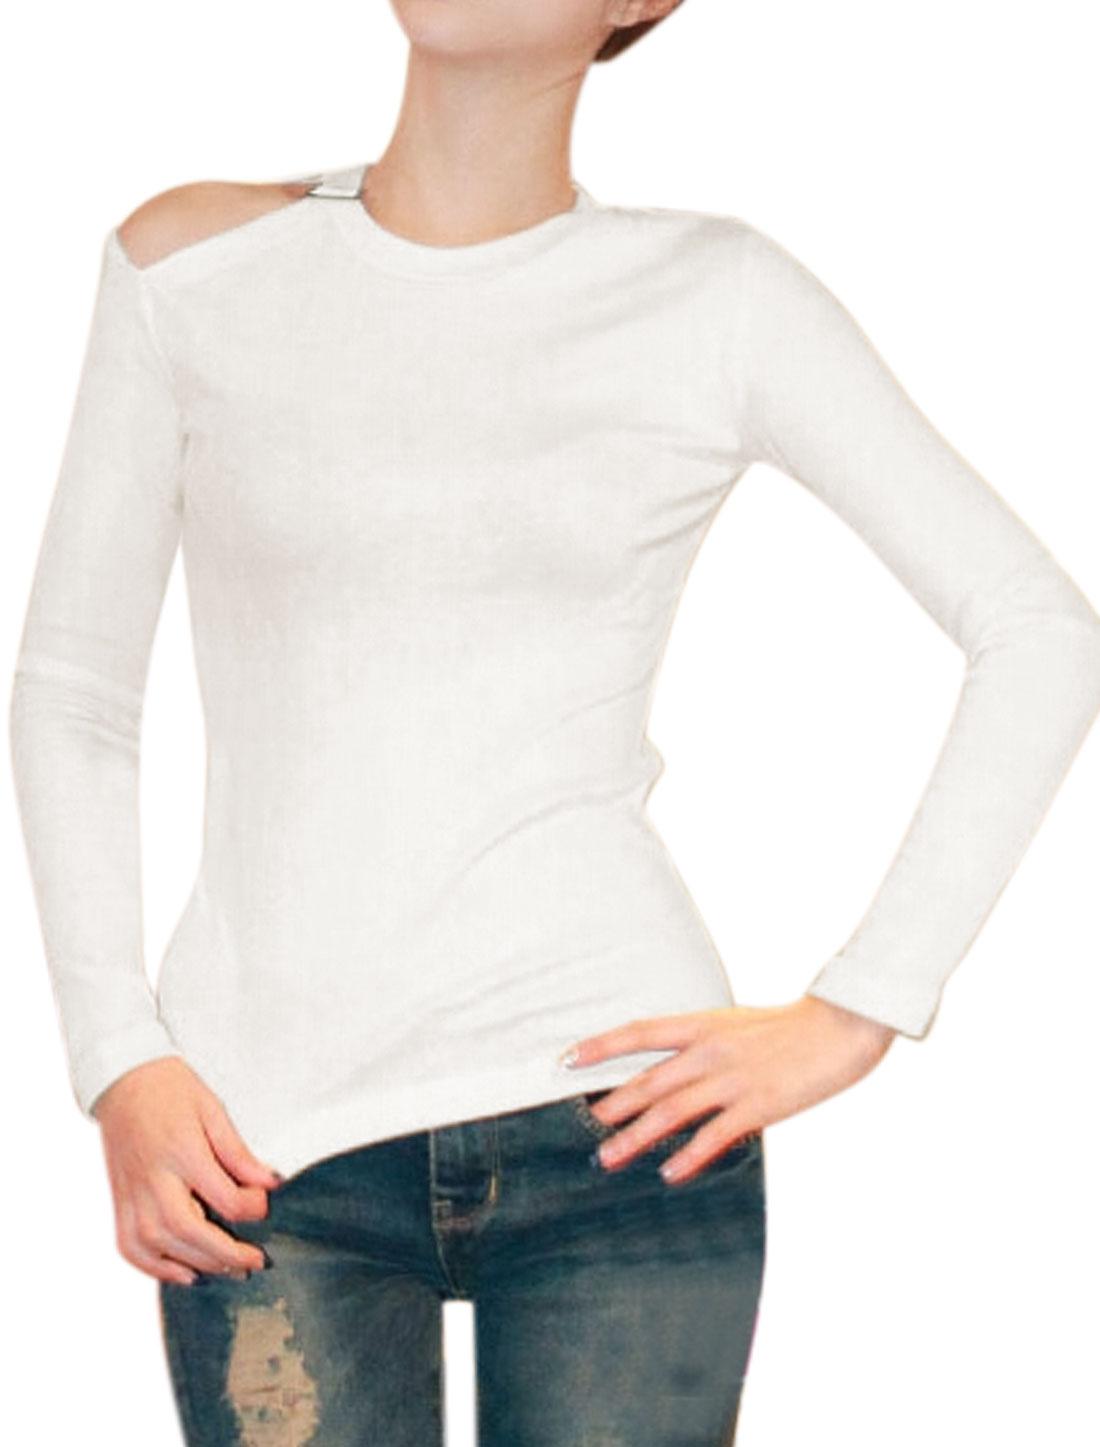 Women Cut Out Shoulder Buckle Decor Crew Neck Slim Fit Top White XS